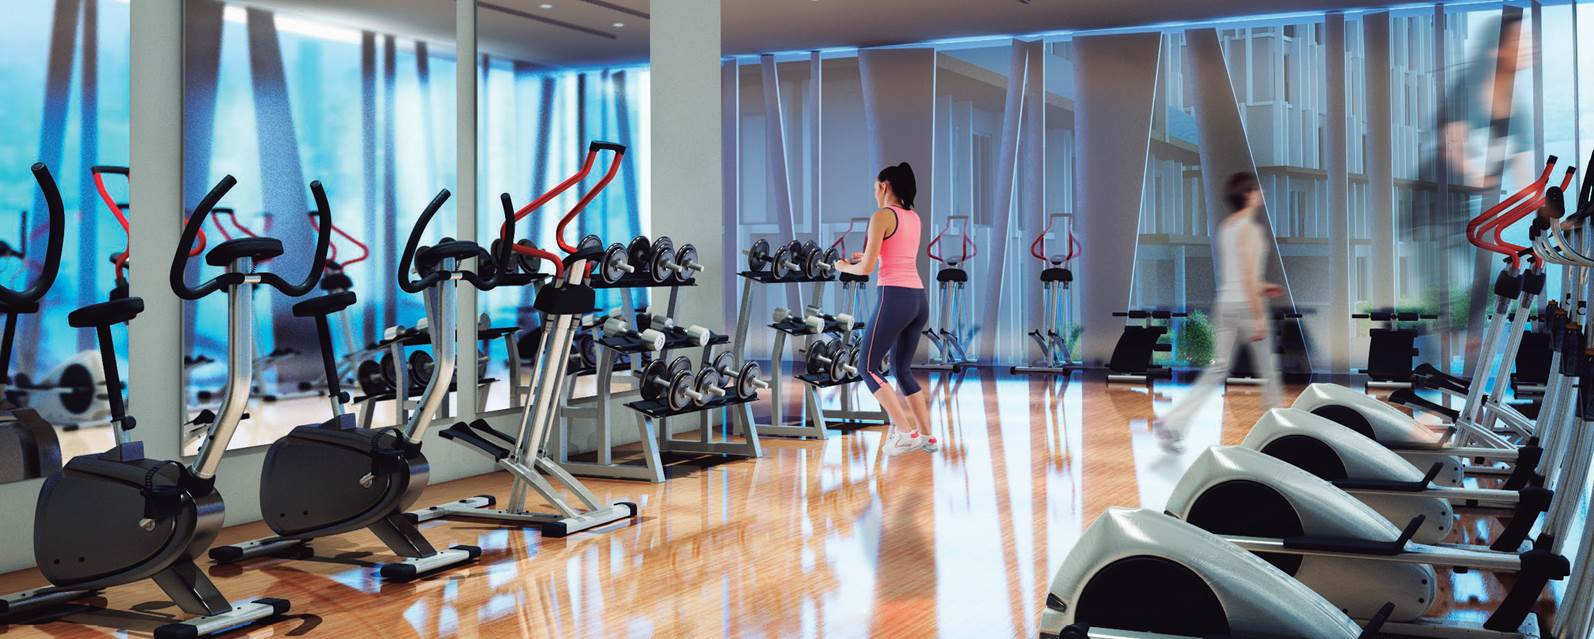 eria gym